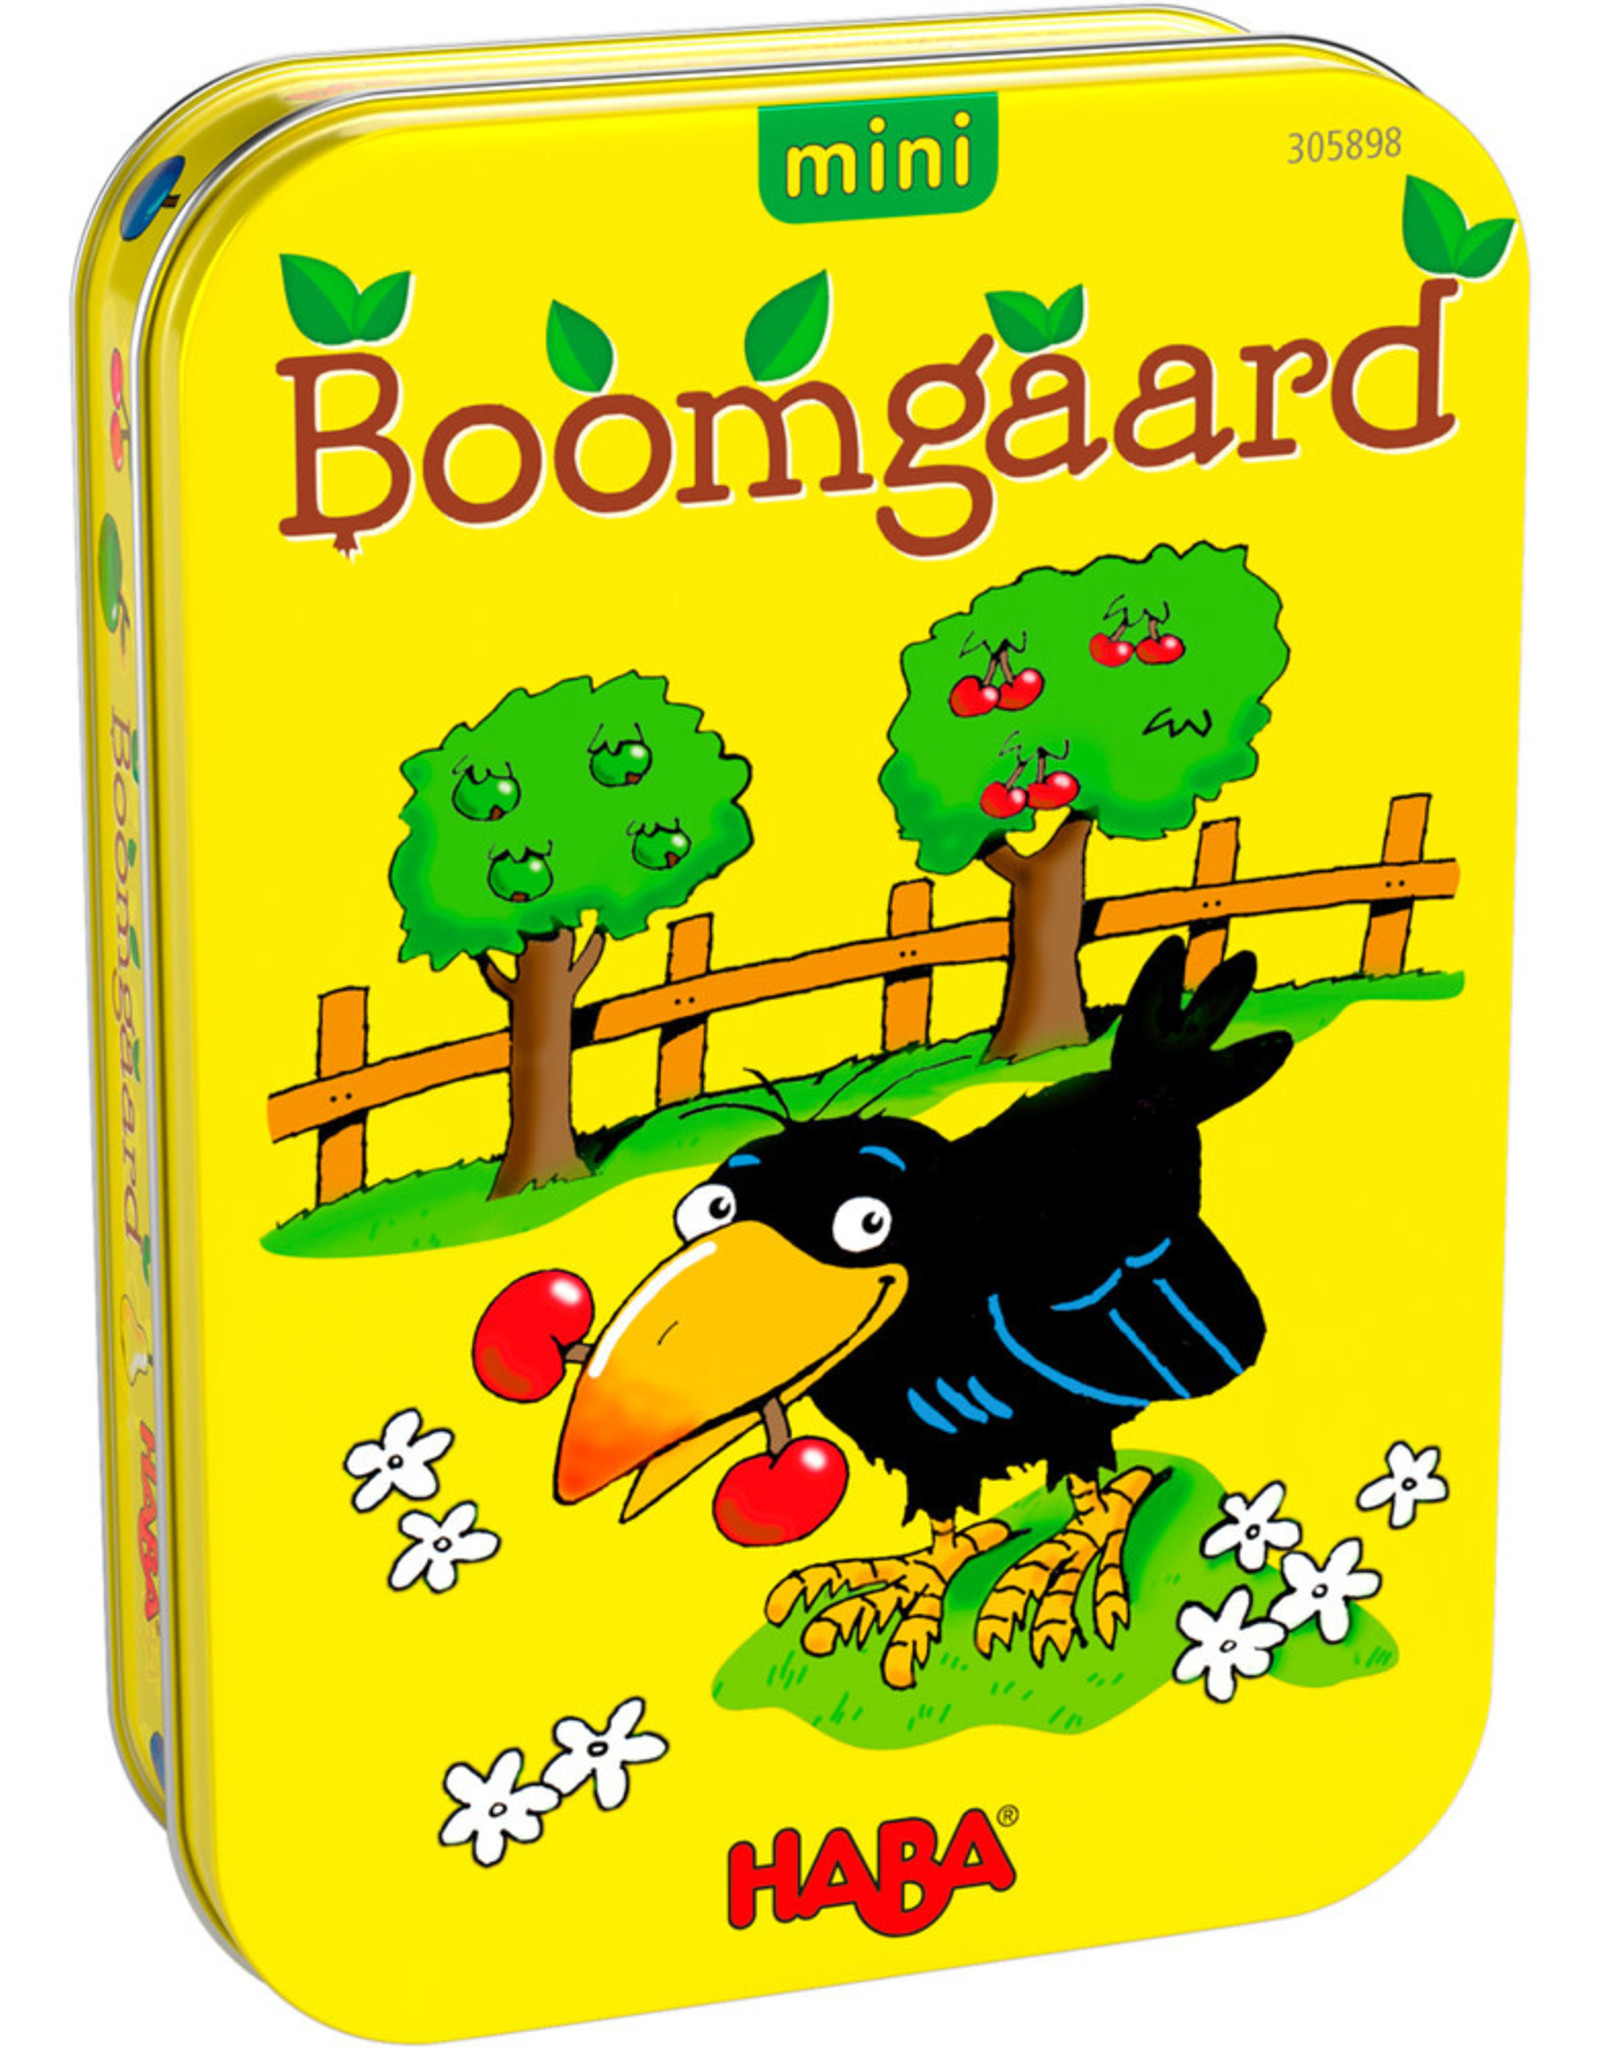 HABA Mini Boomgaard